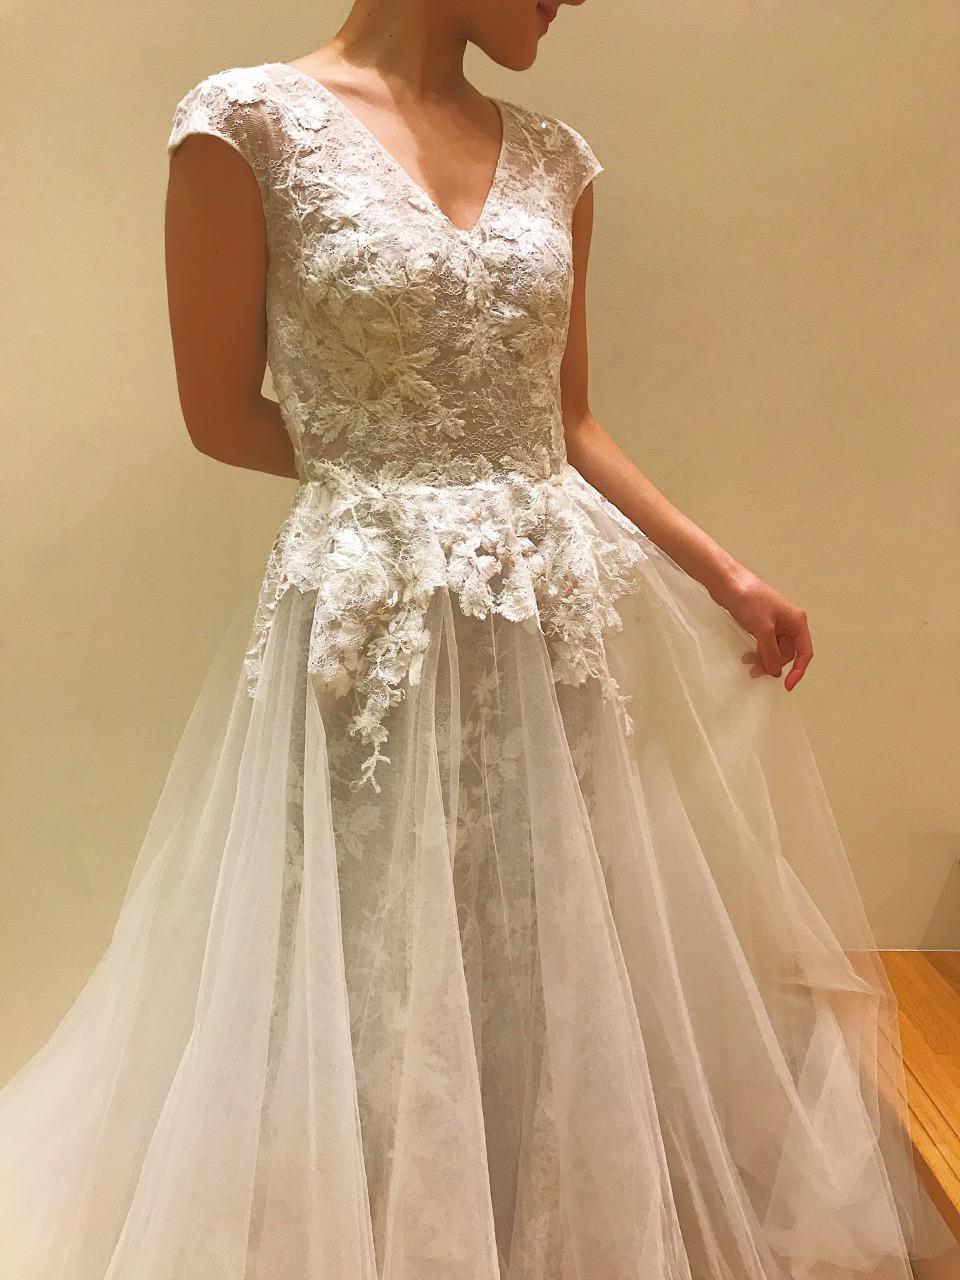 モニークルイリエ ウエディングドレス